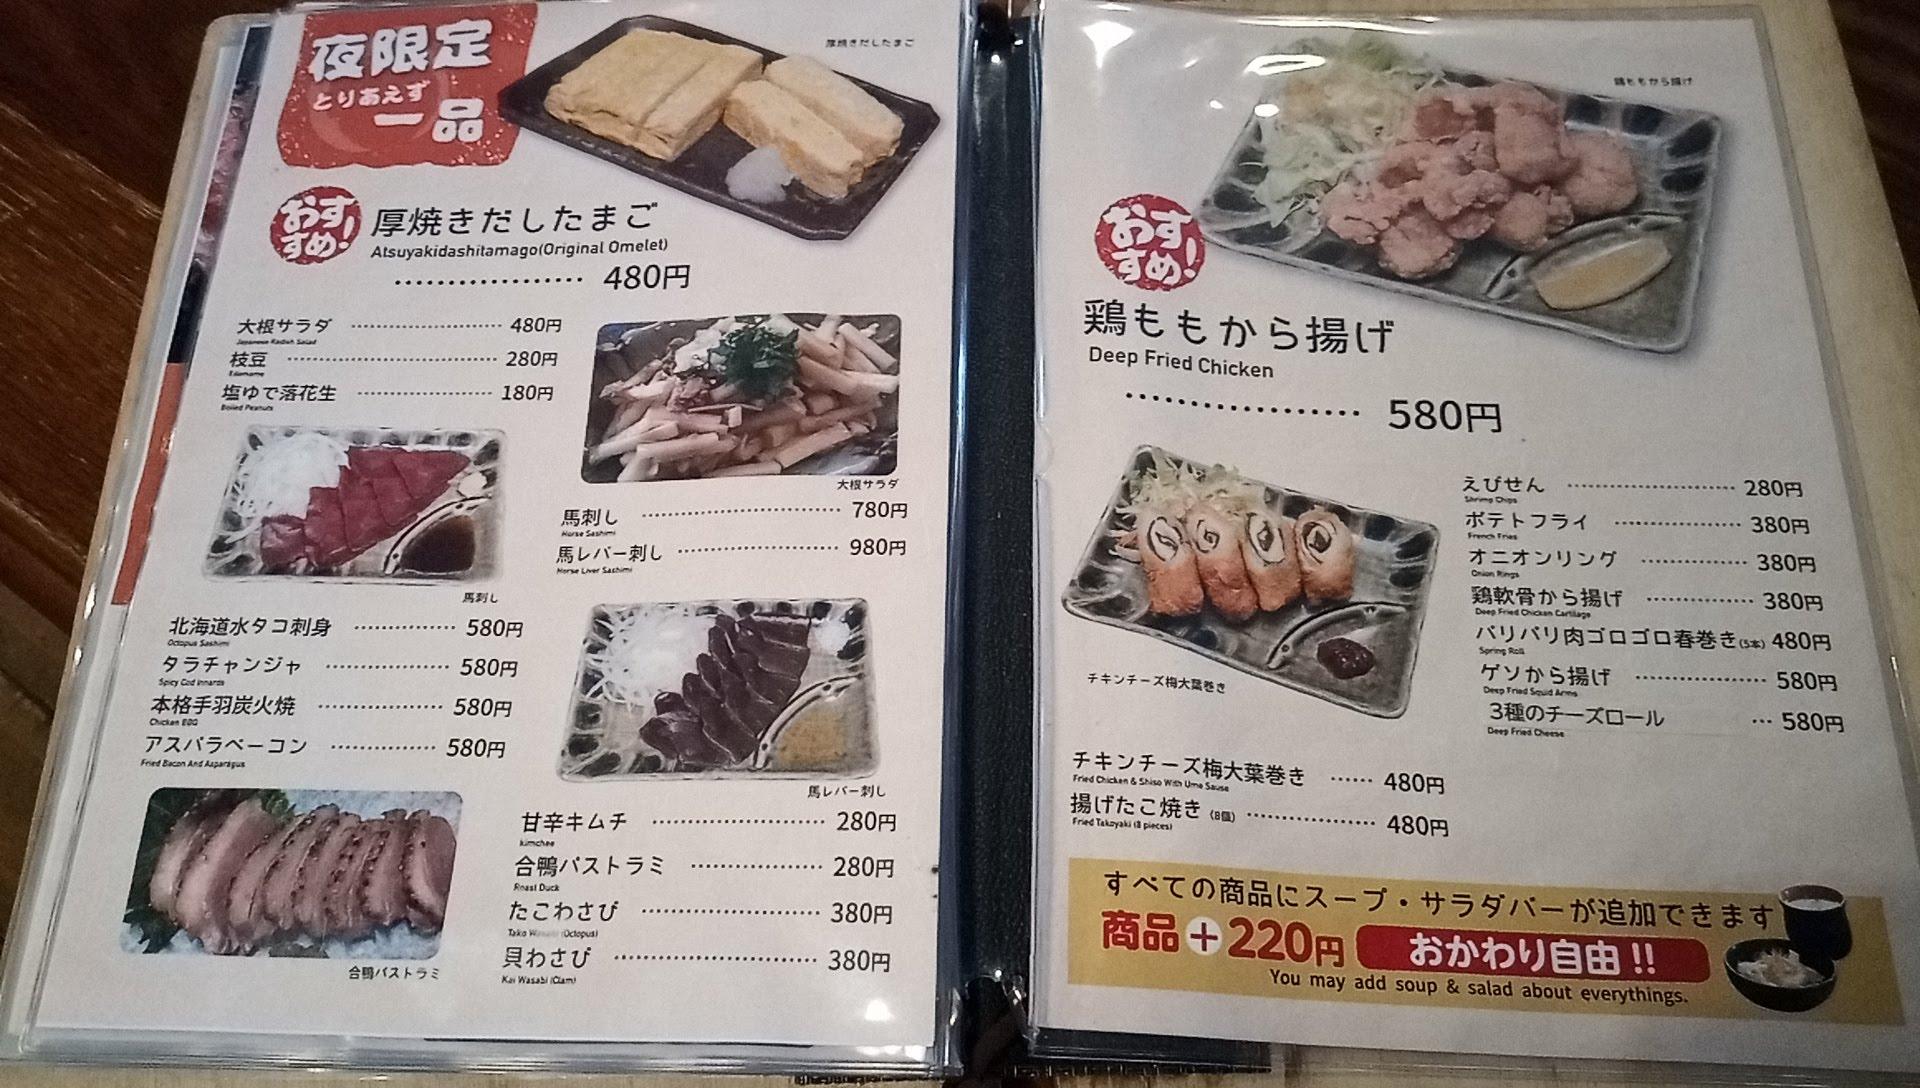 the menu of Goat and Soba Taiyo 5